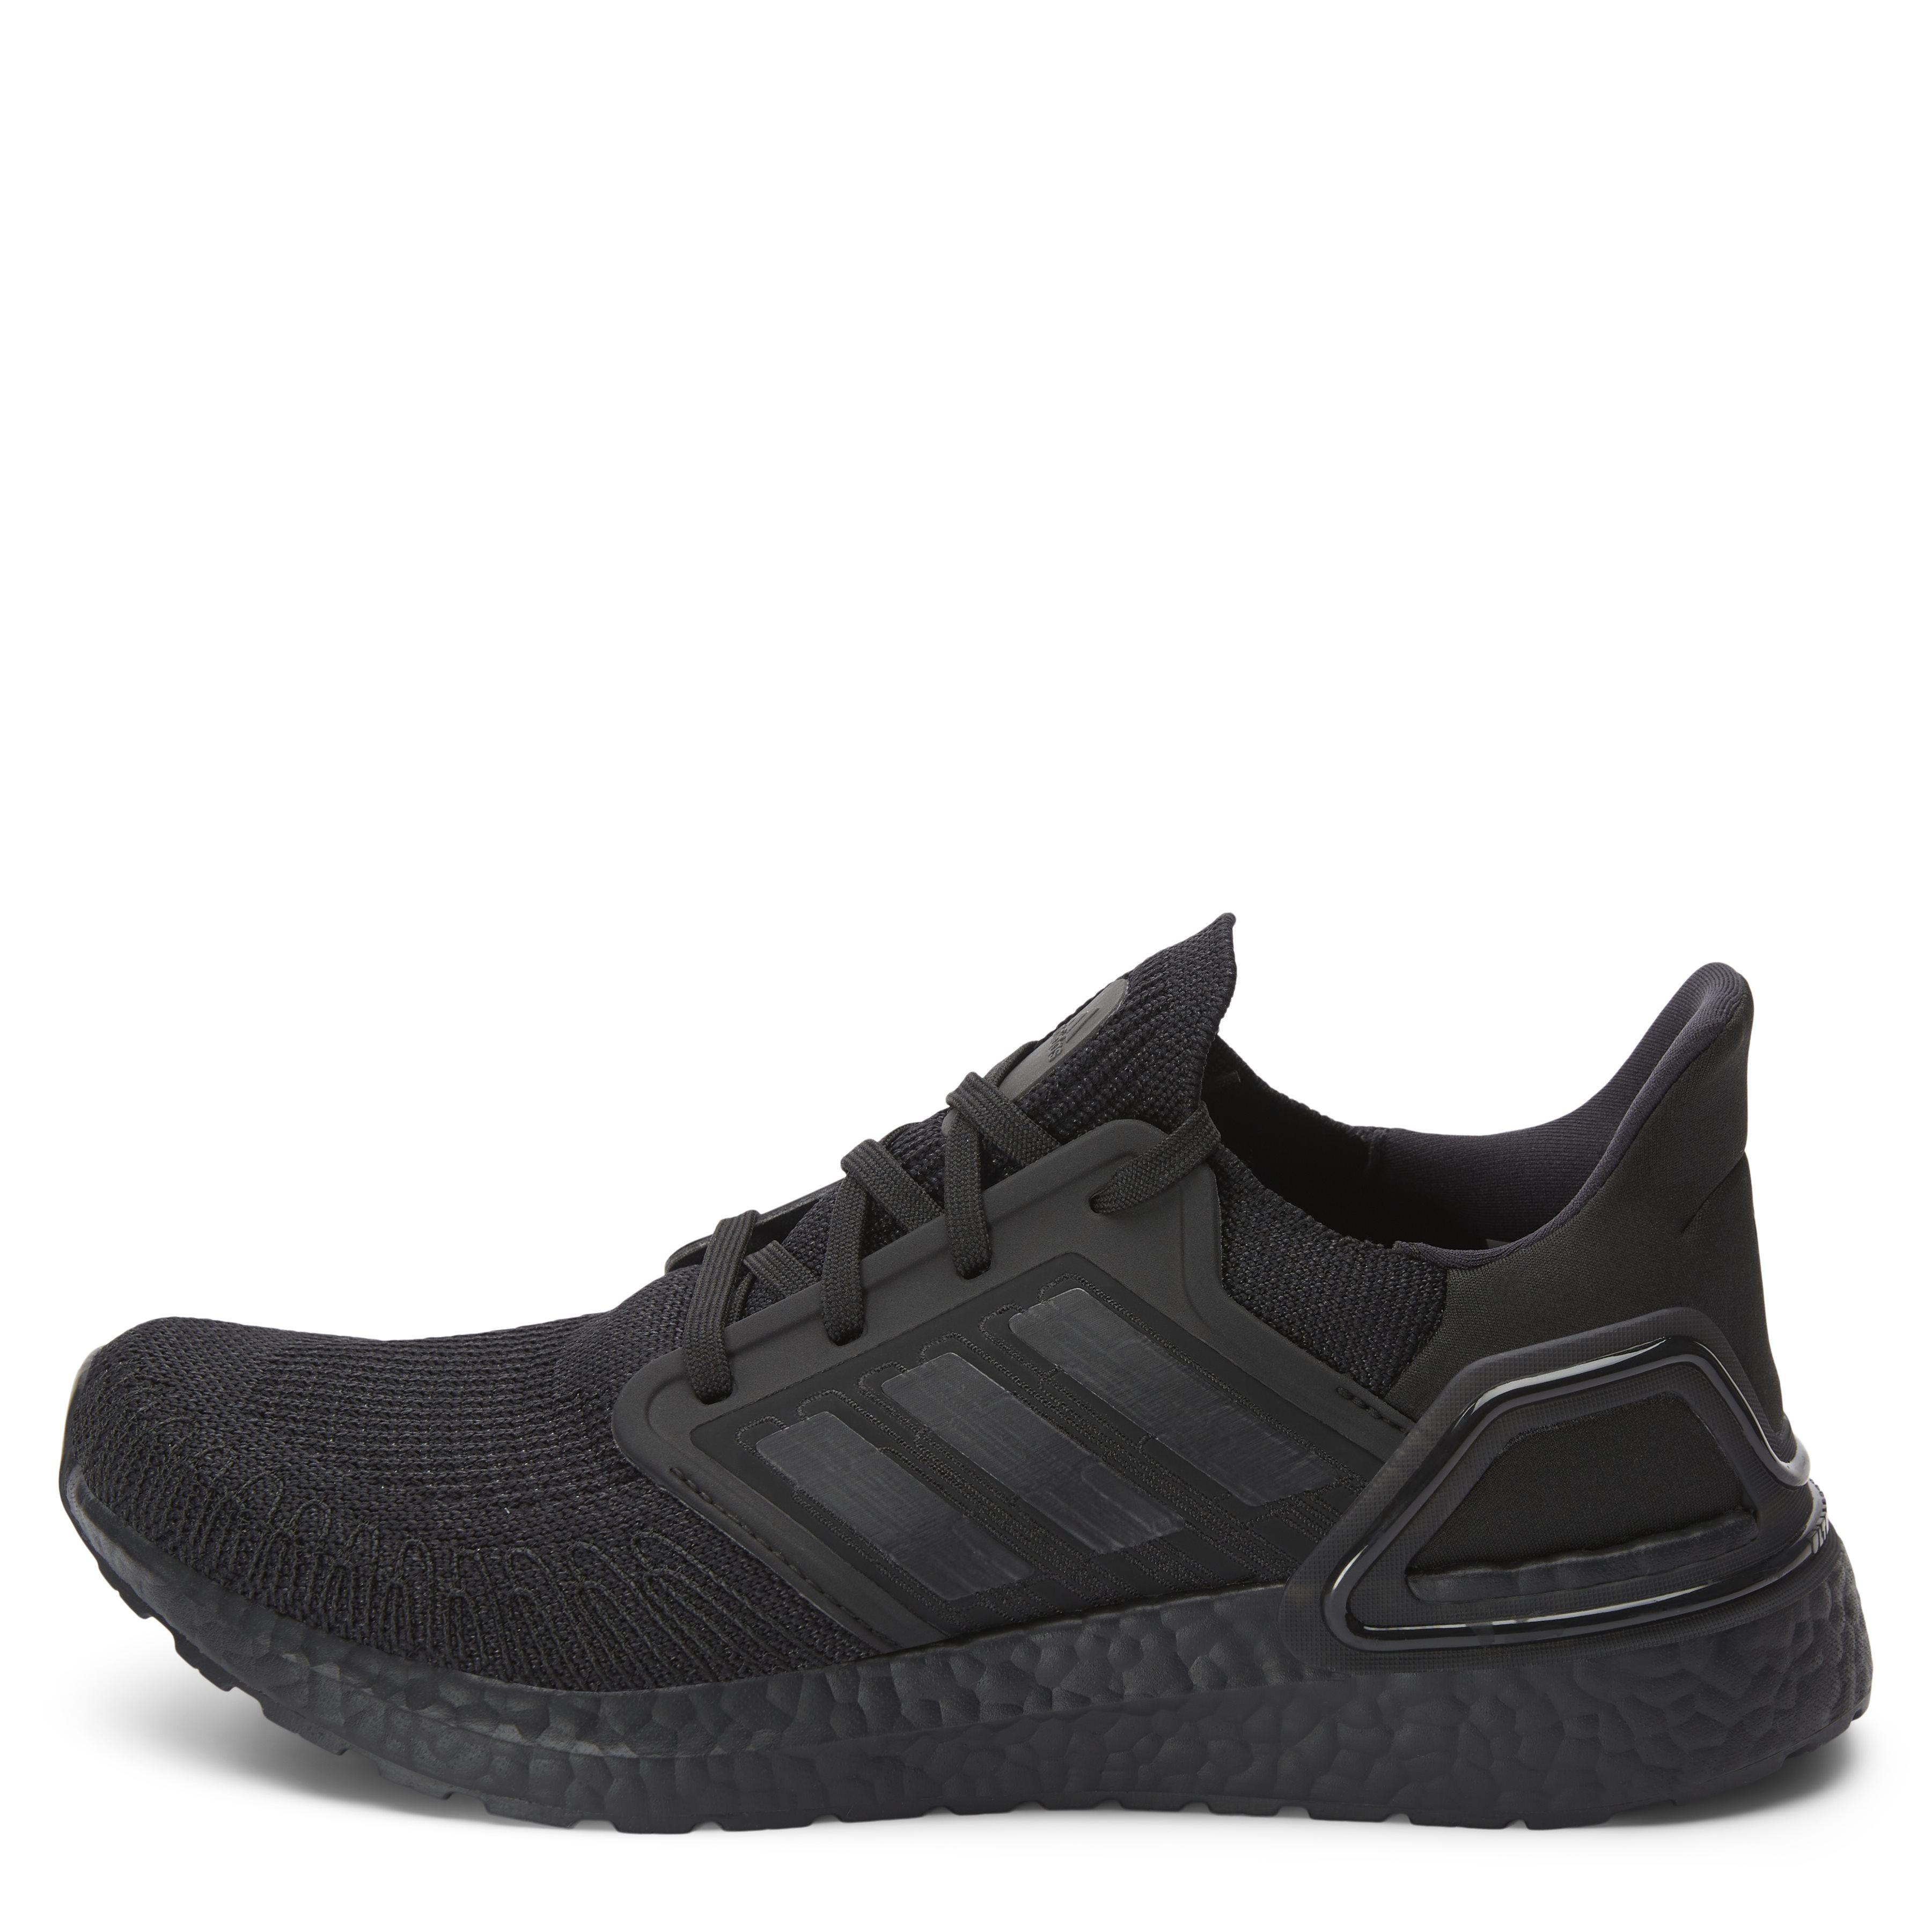 Ultraboost 20 Sneaker - Sko - Sort